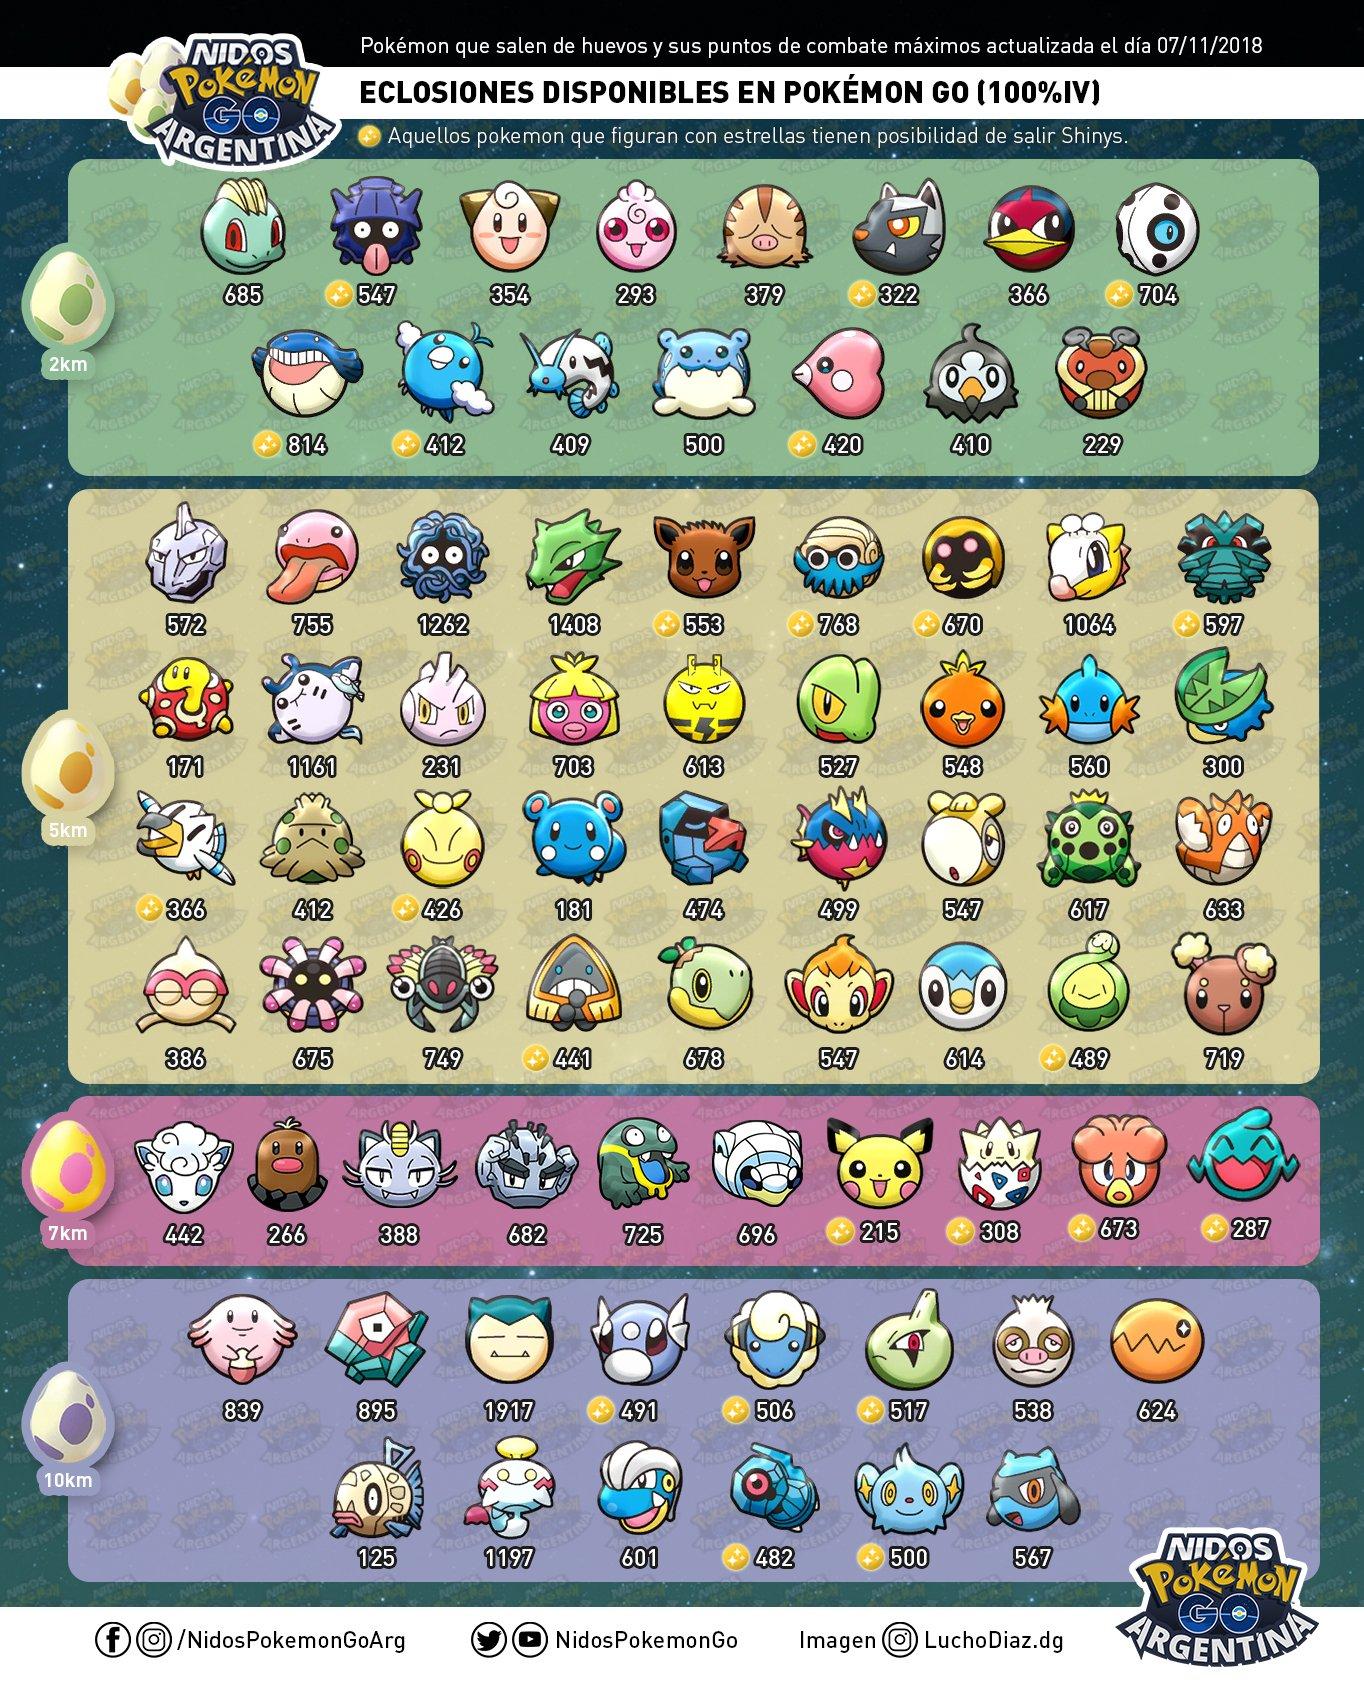 Todas las eclosiones de Huevos en Pokémon GO hecho por Nidos Pokémon GO Argentina.